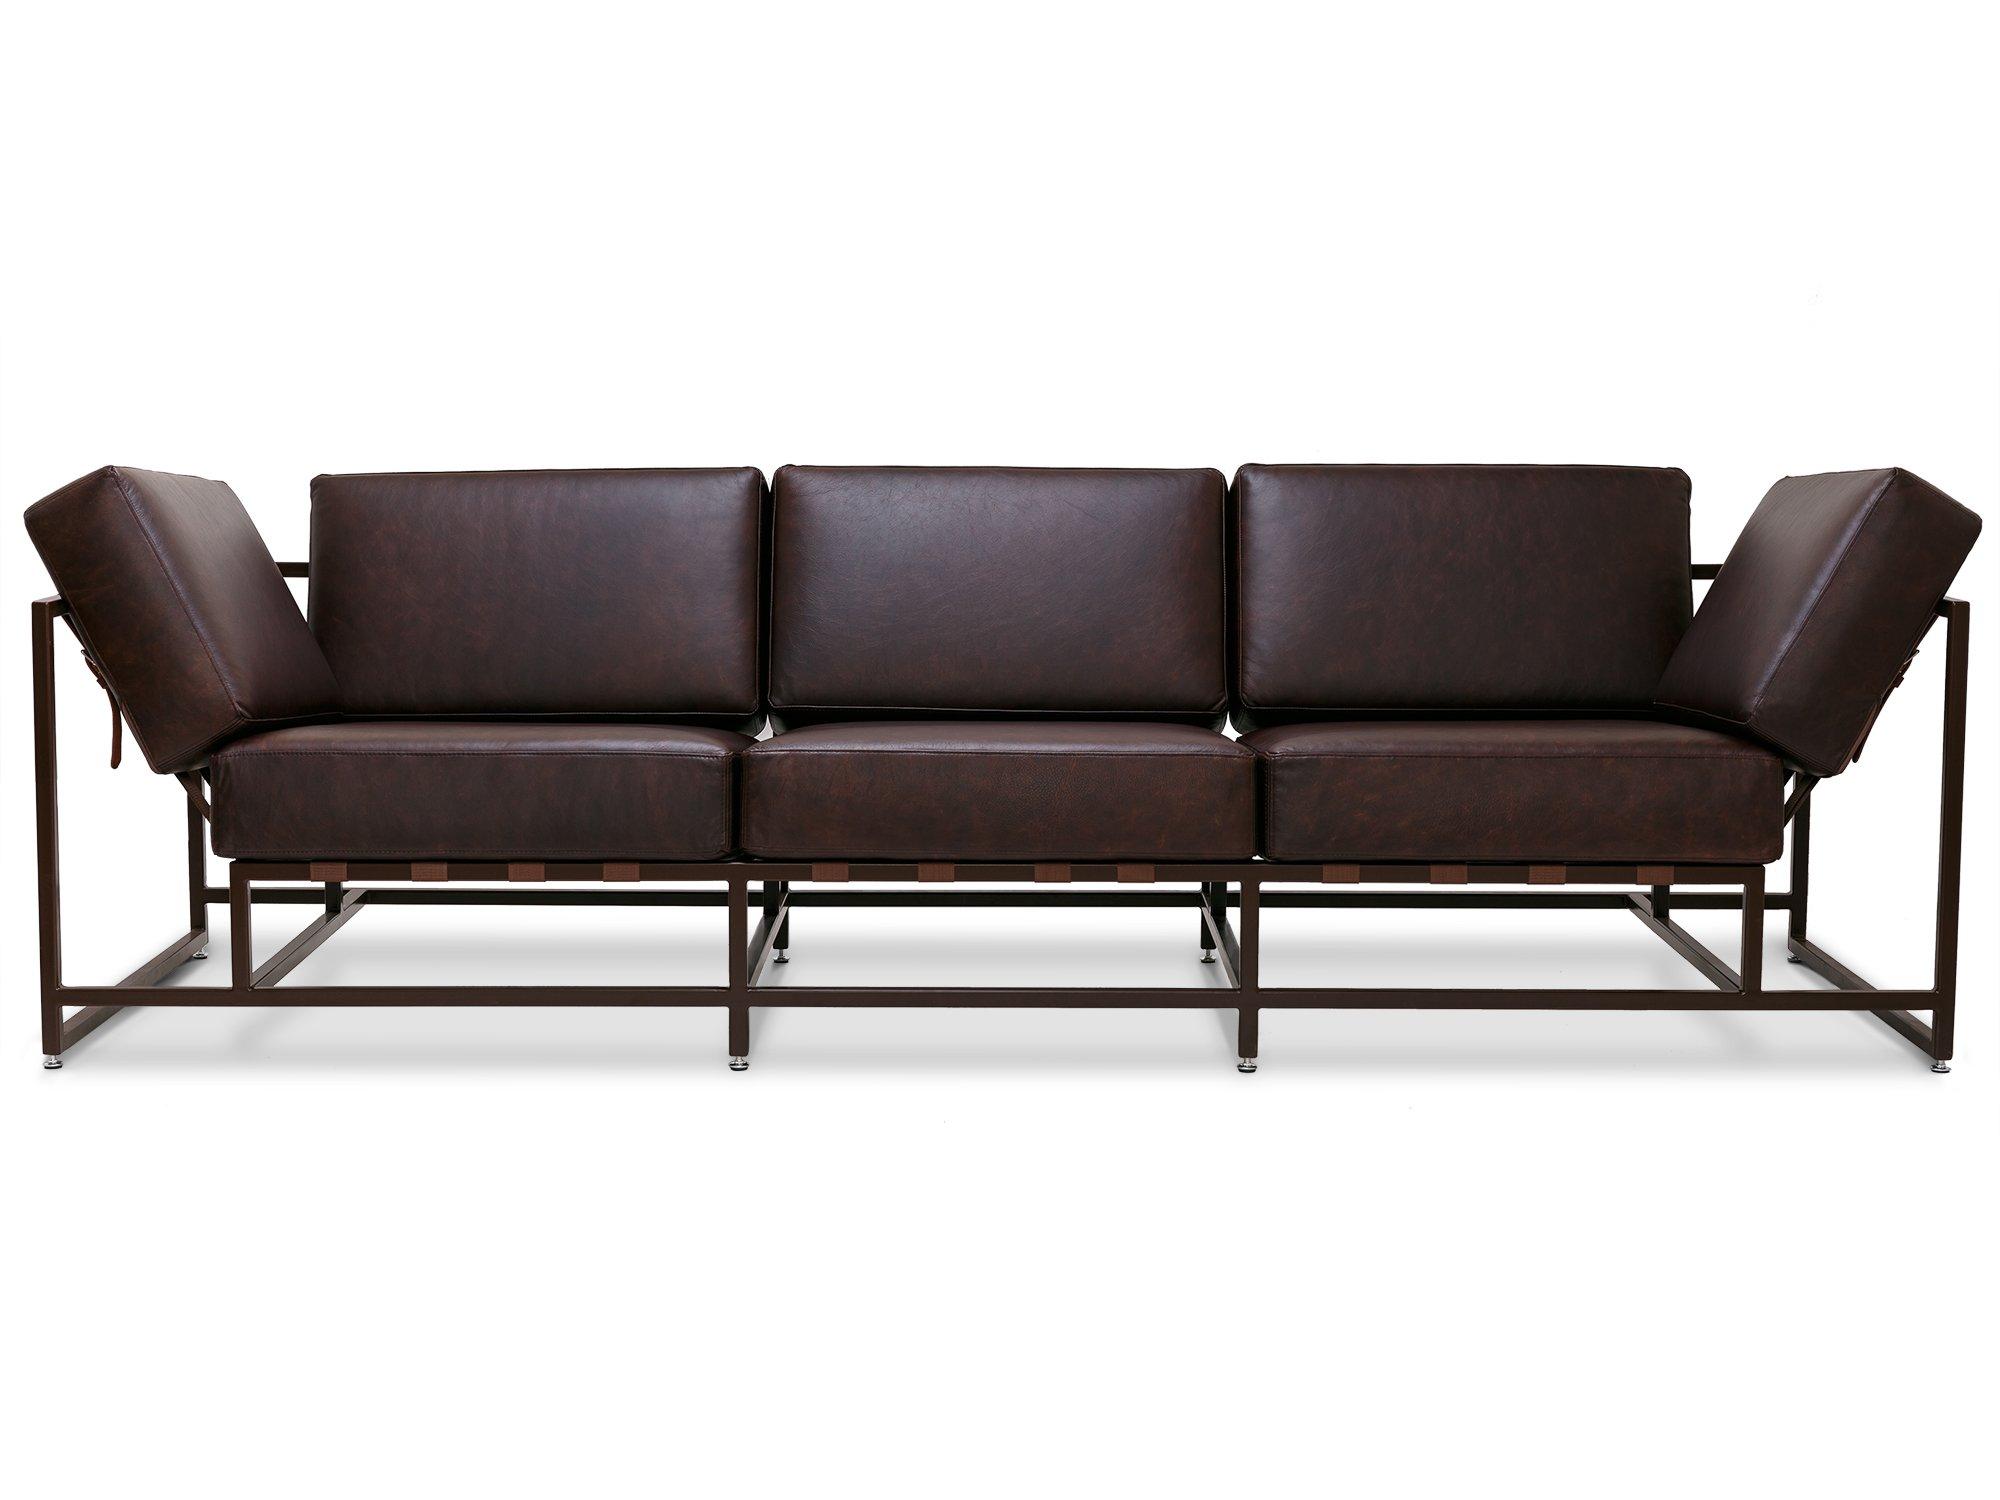 The_sofa трехместный диван лорд коричневый 134334/7